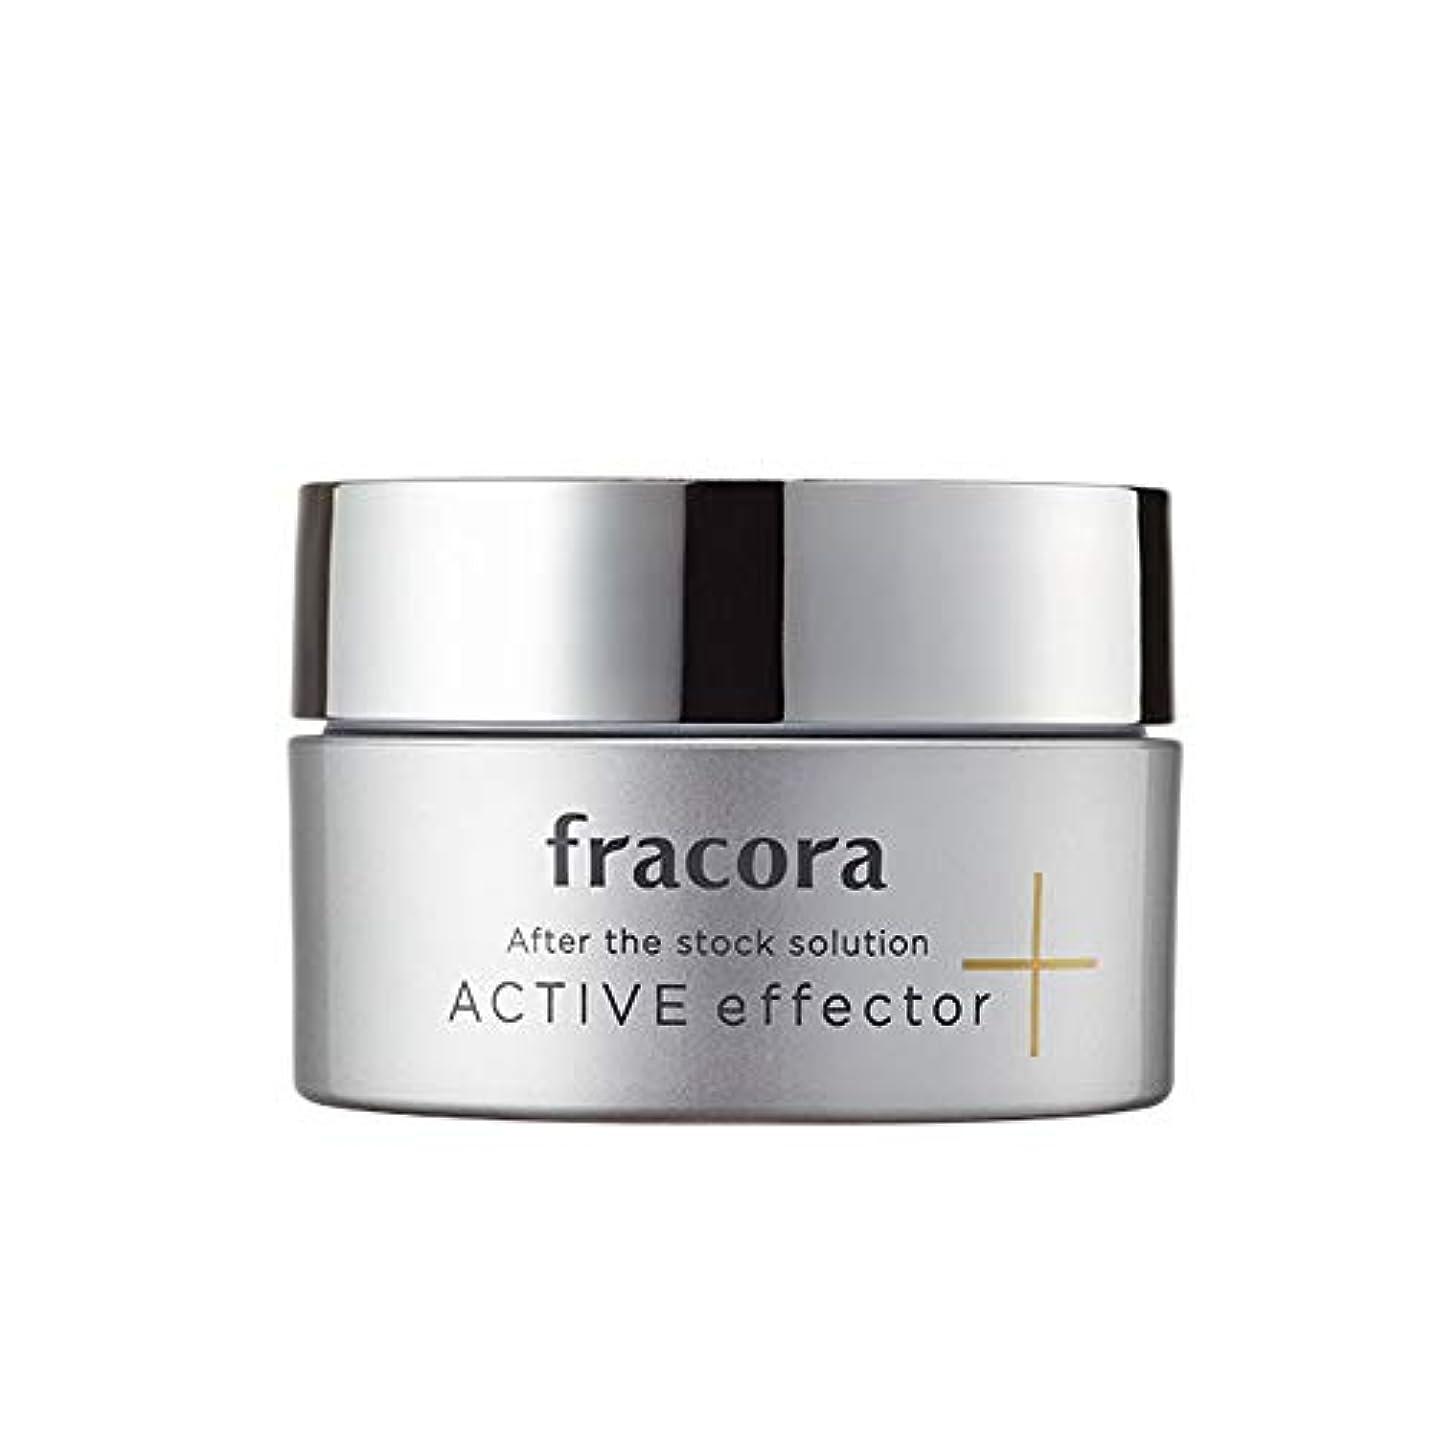 デッキ落ち着いて香ばしいfracora(フラコラ) クリーム アクティブ エフェクター 50g